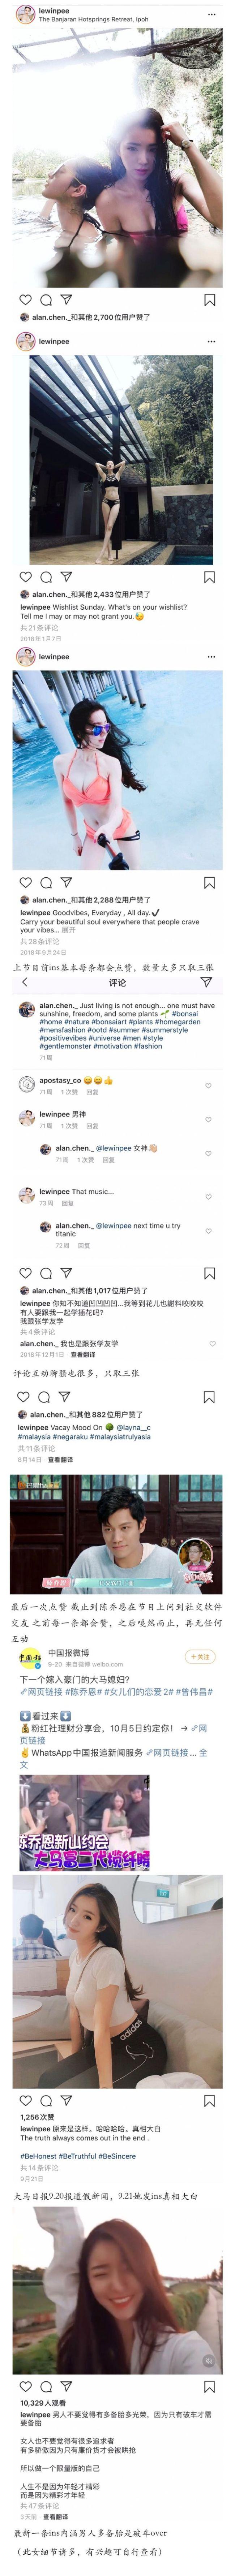 网友曝陈乔恩新男友曾家暴女友 多次点赞泳装照